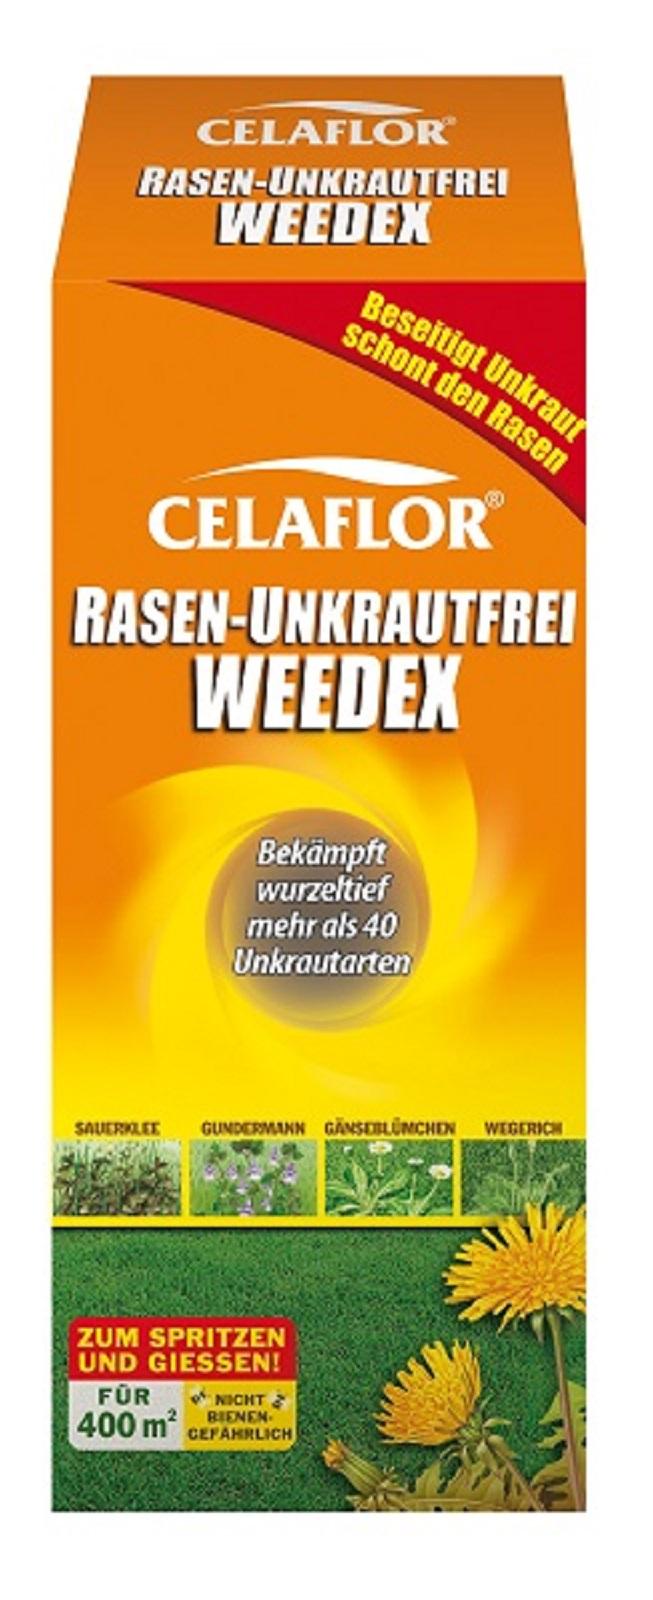 Celaflor Rasen Unkrautfrei Weedex 250 ml